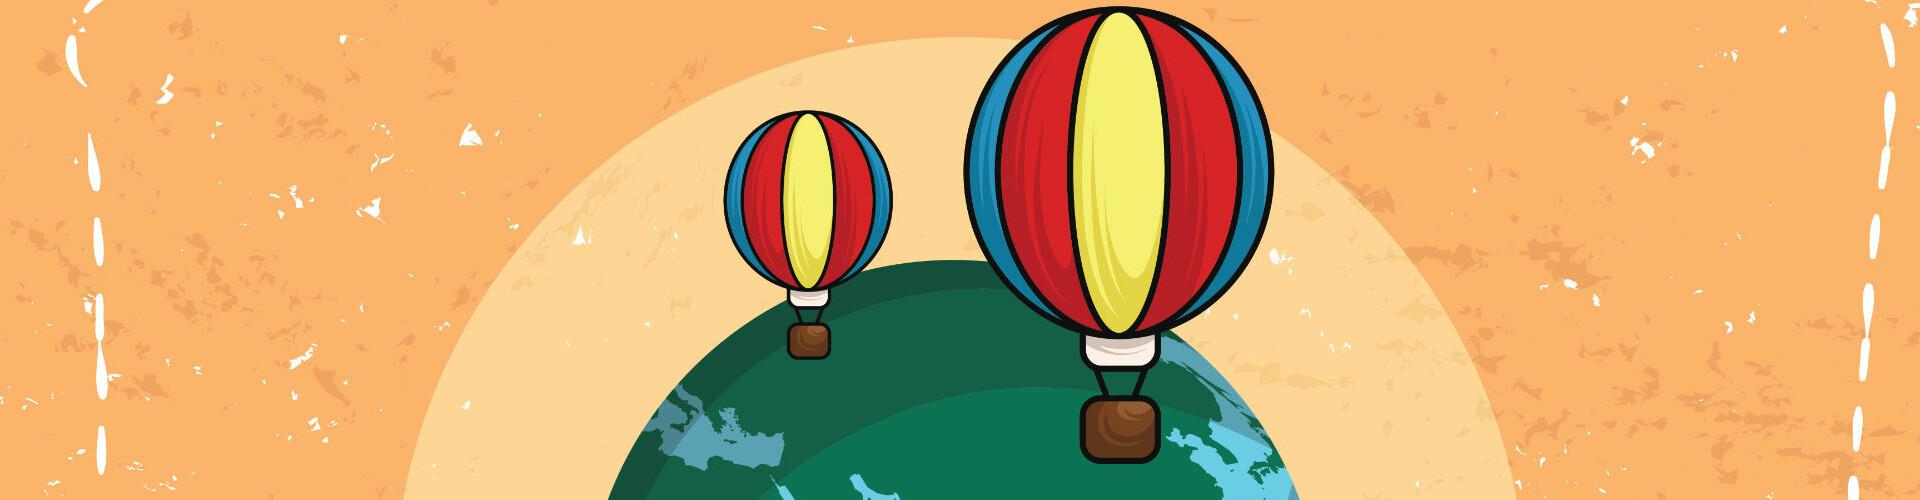 Parachute-Fans